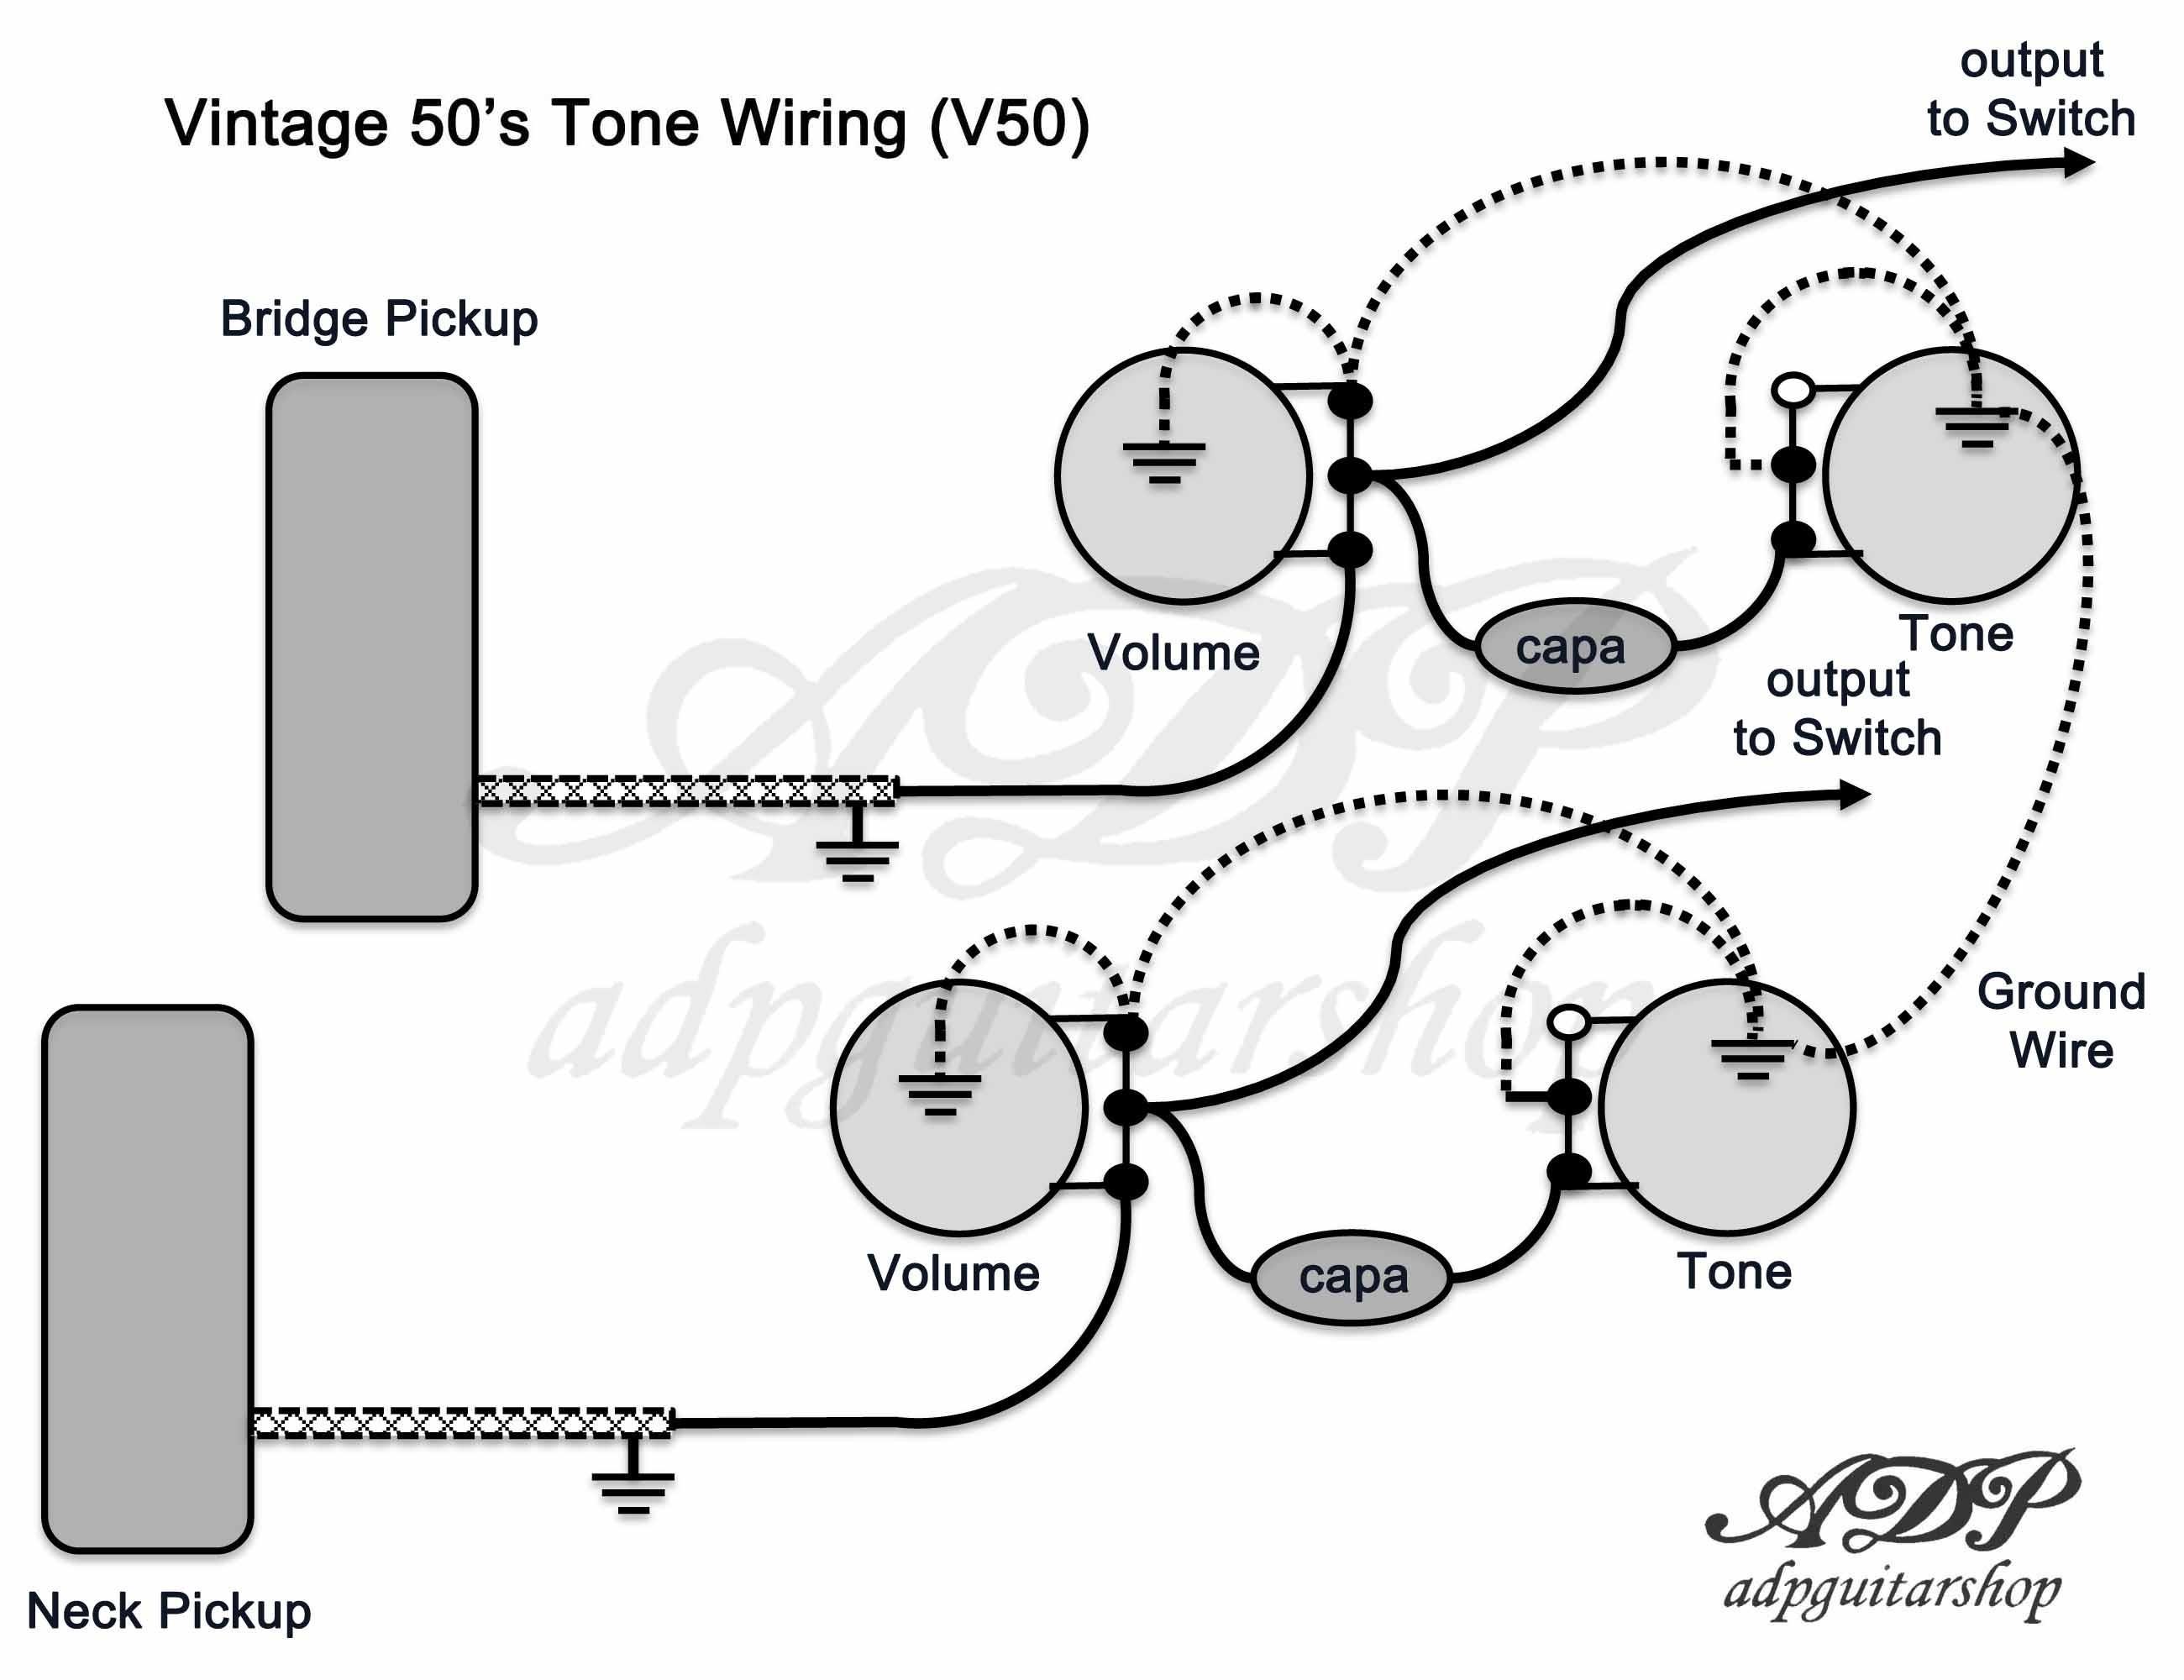 Wiring Diagram For Epiphone Les Paul Guitar Best Wiring Diagram For Les Paul Custom Valid Epiphone Les Paul Wiring